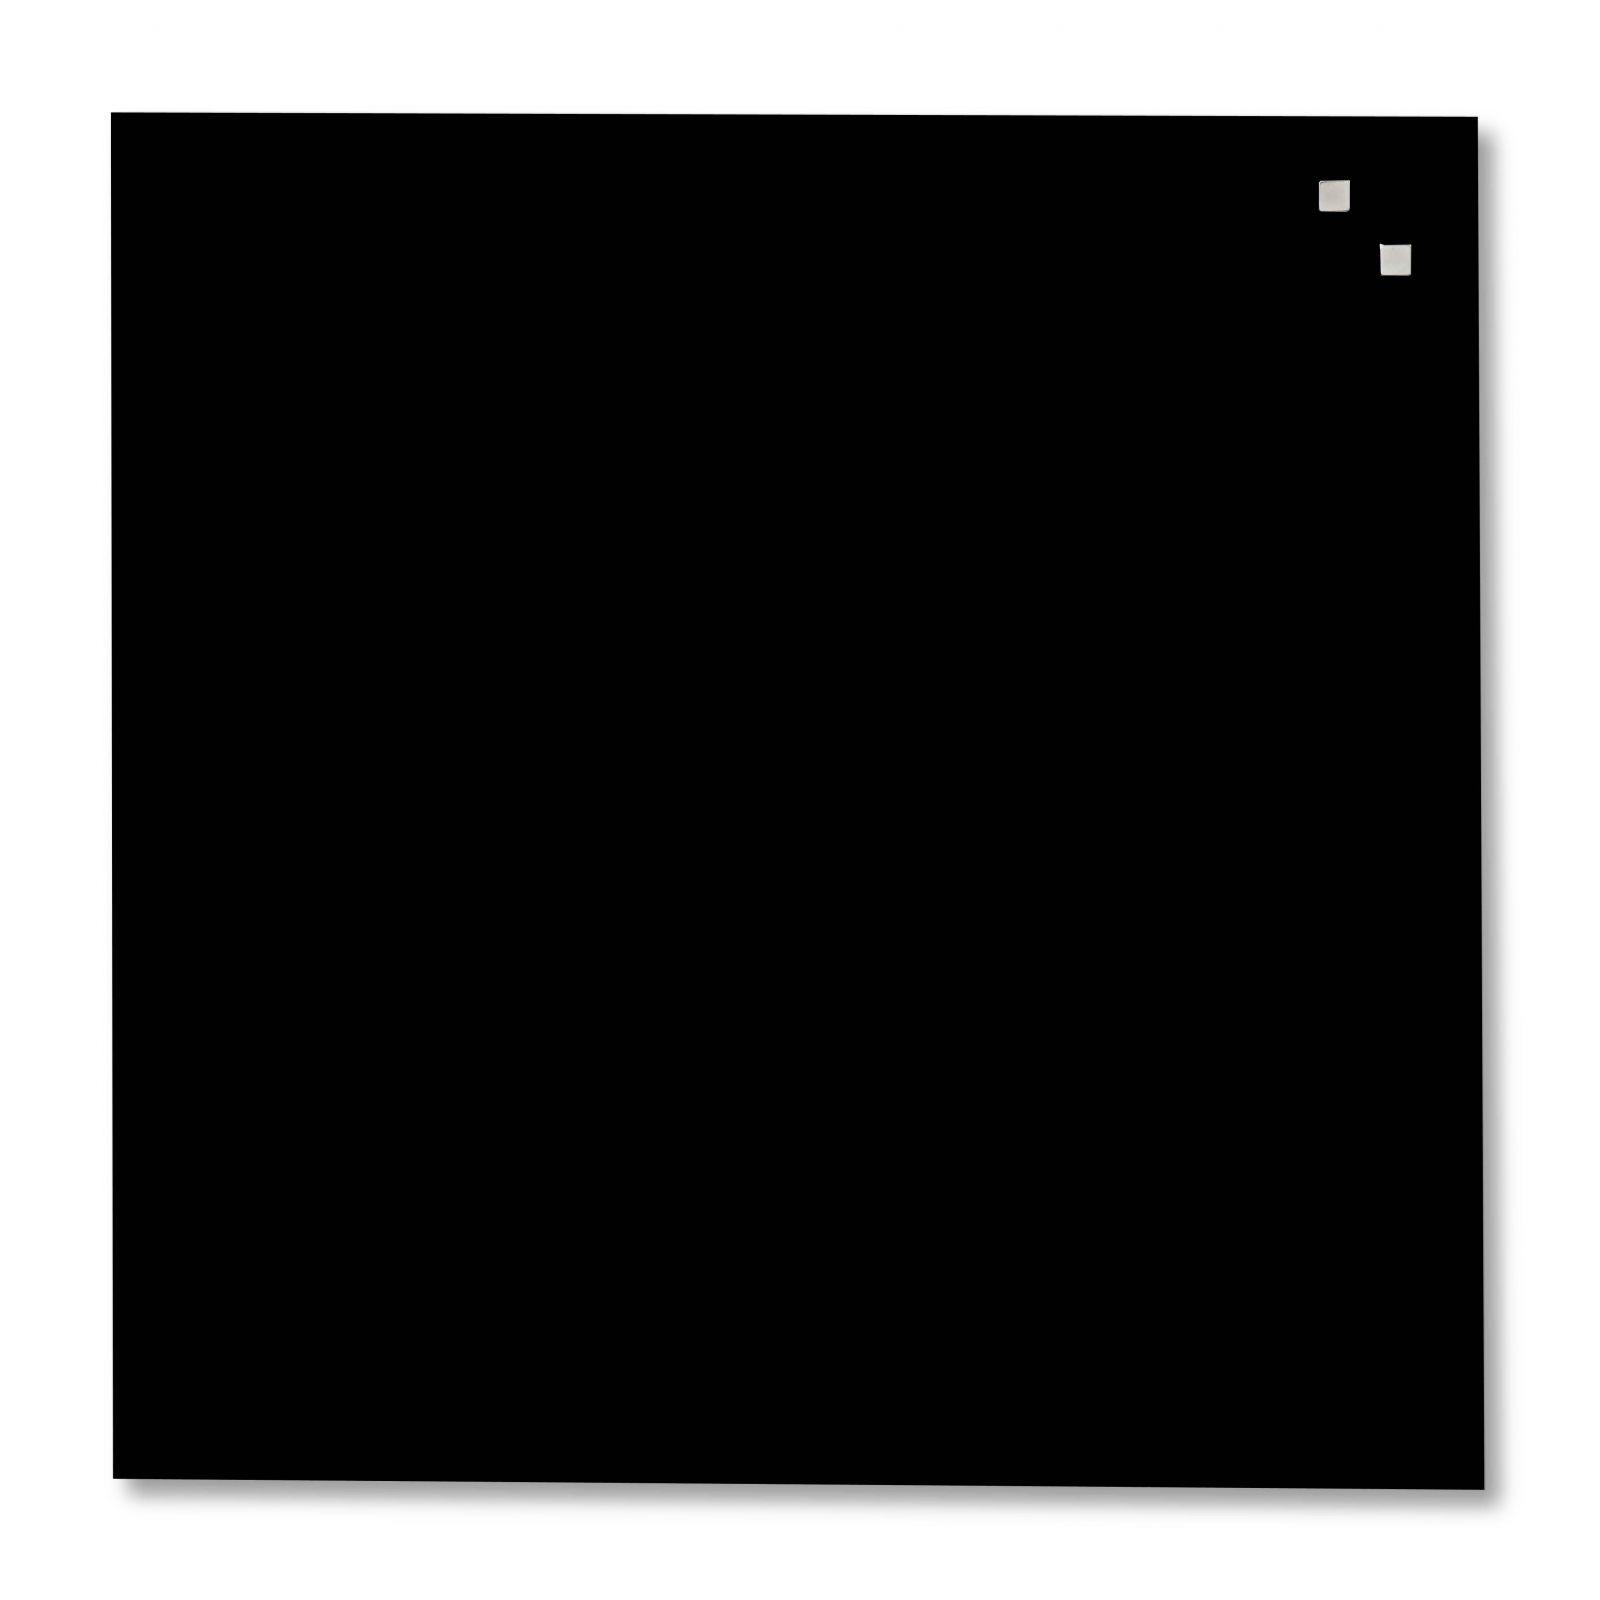 Skleněná magnetická tabule, 45x45 cm, Černá